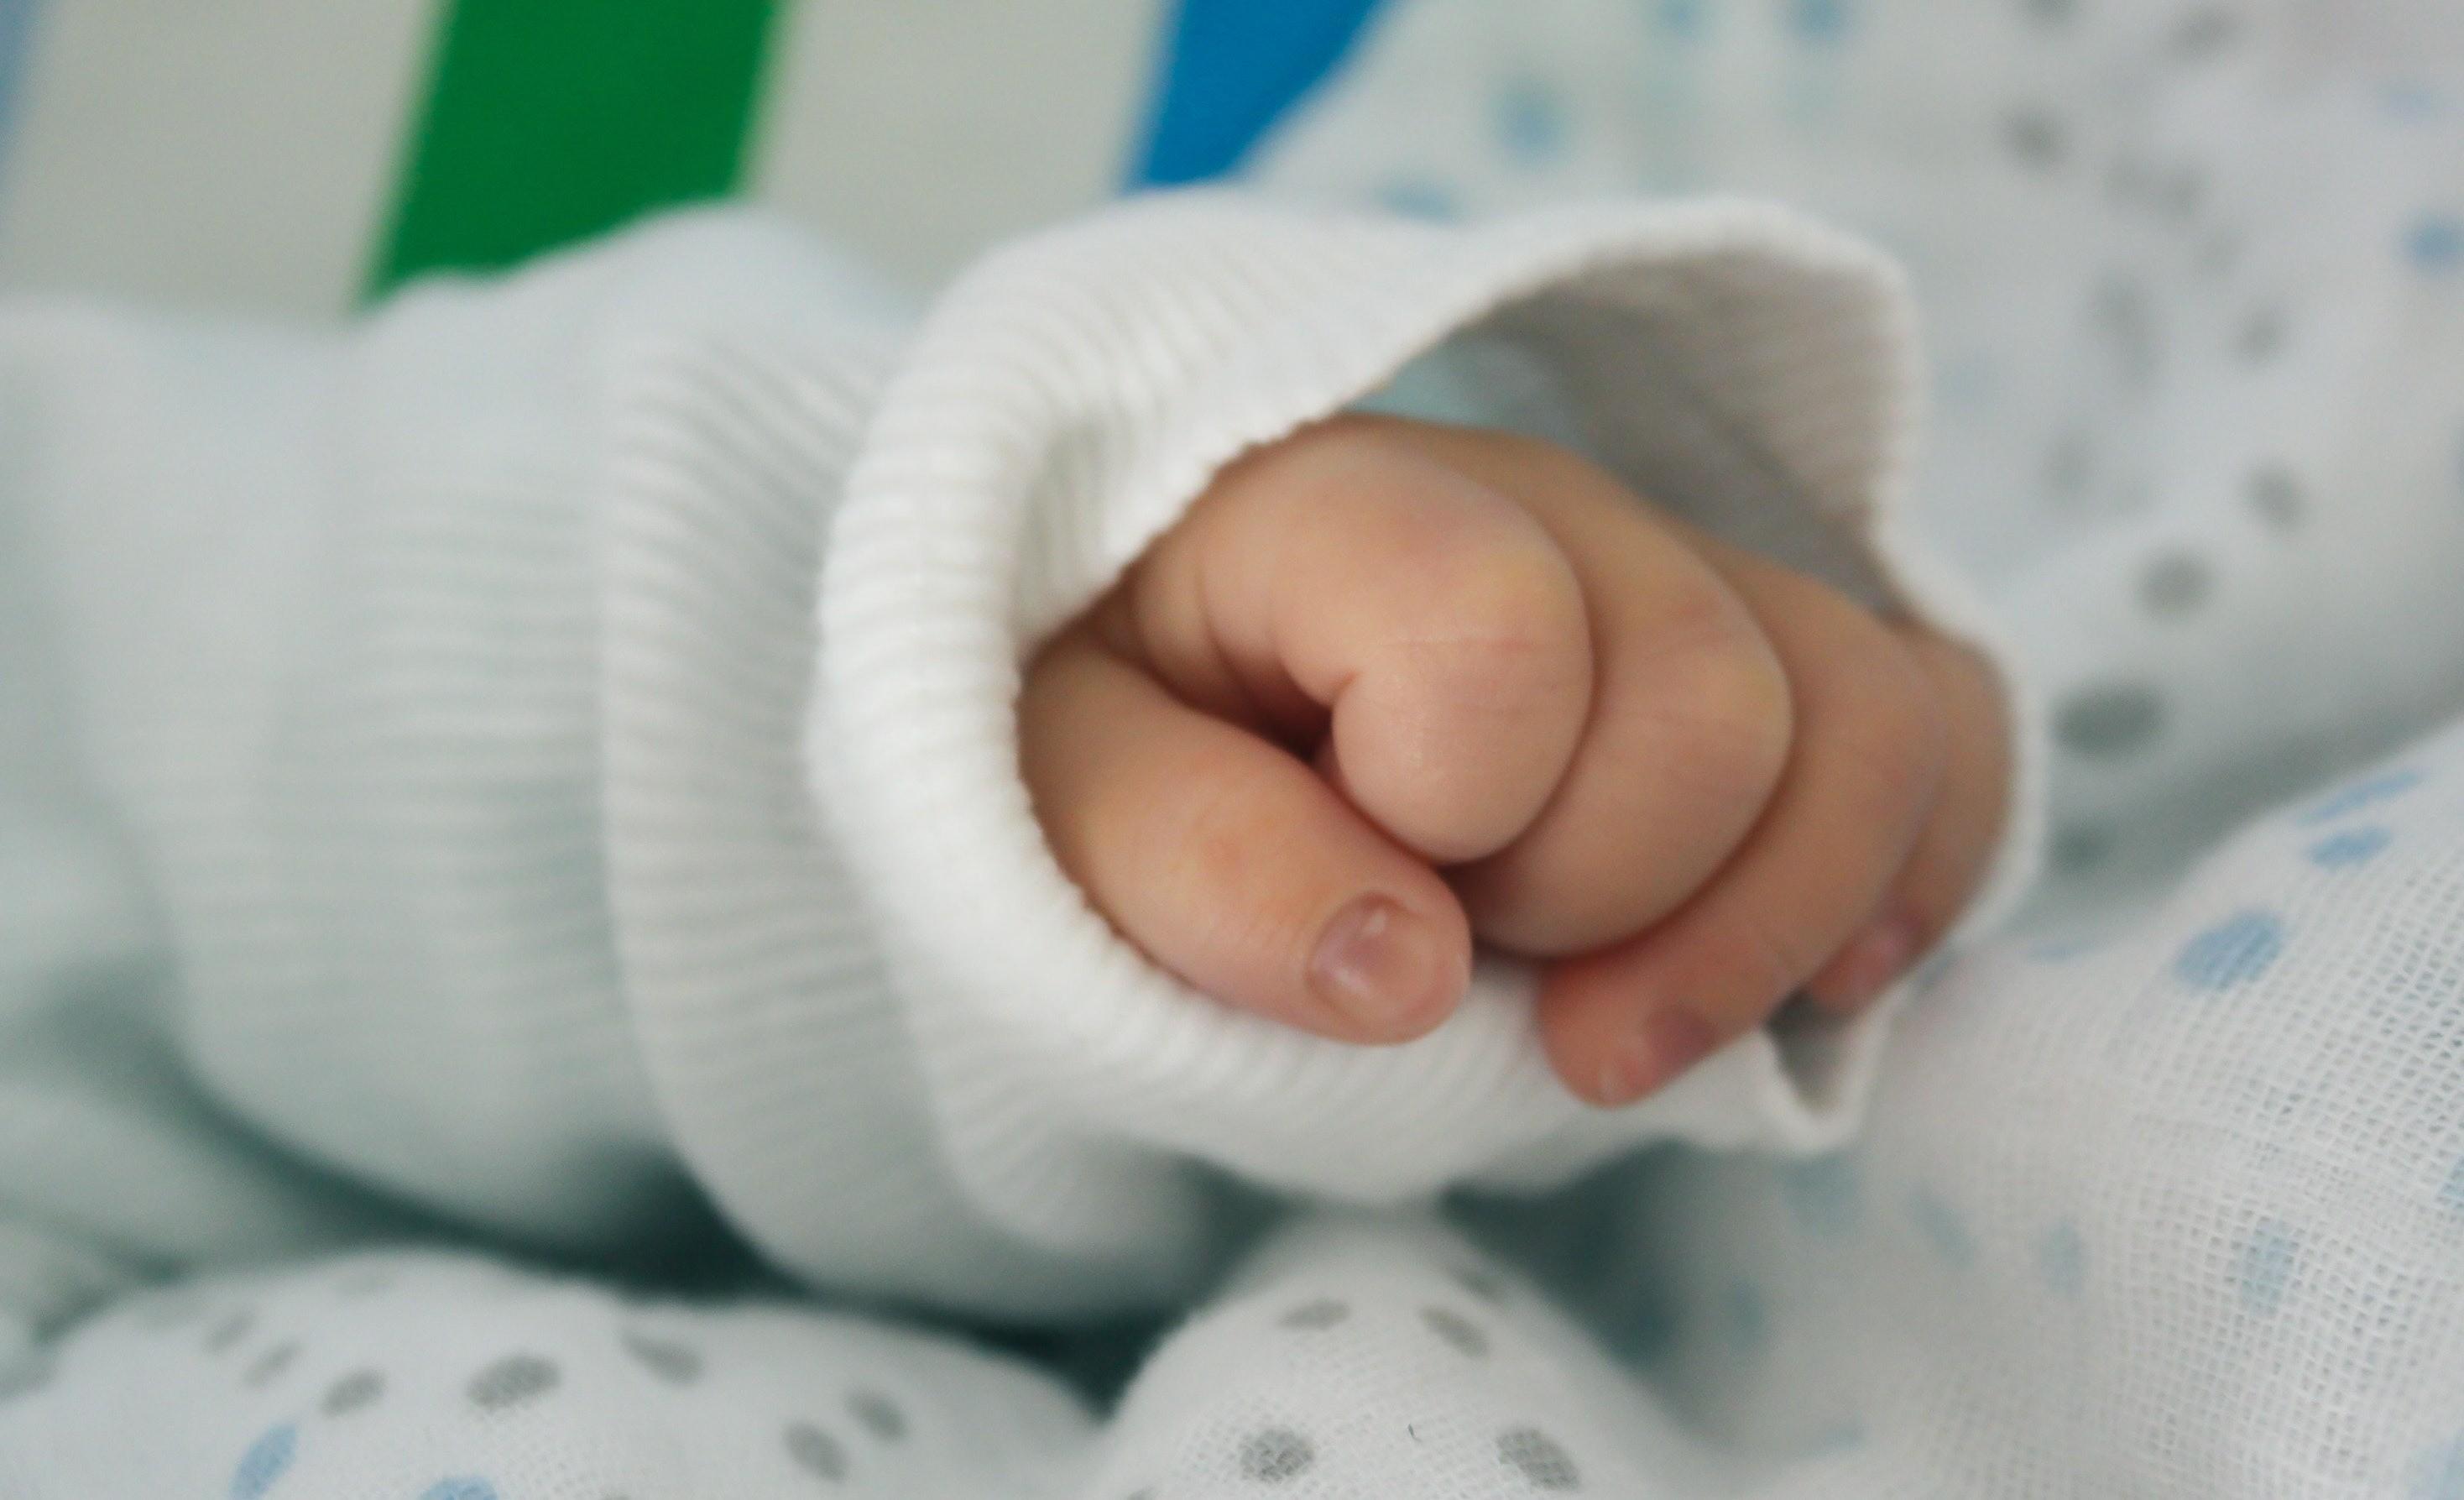 5 факторов, повышающих риск несчастных случаев с новорожденными